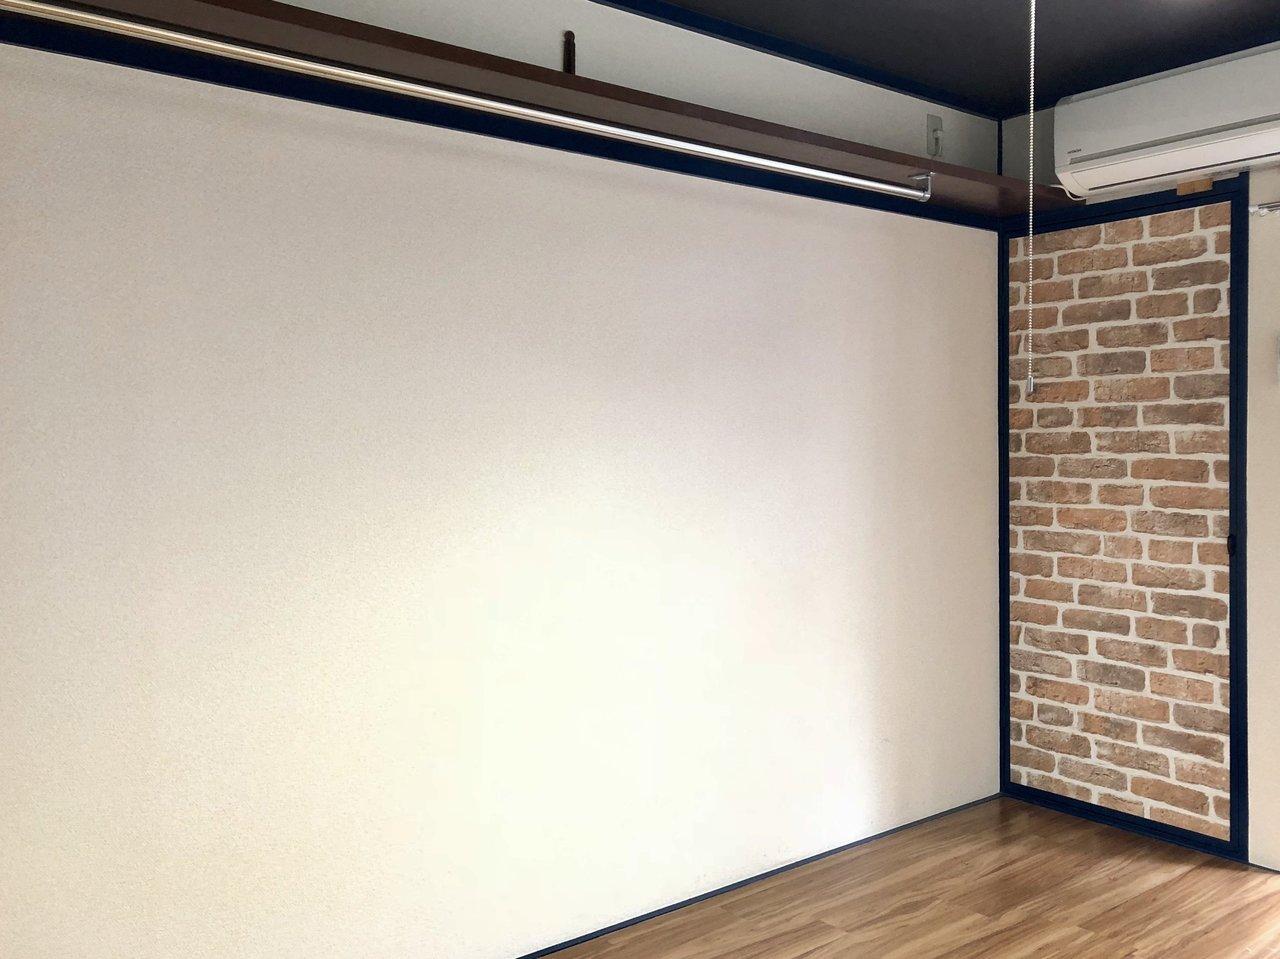 壁には長いハンガーパイプがつけられているので、アイディア次第で良い収納スペースになりそう。